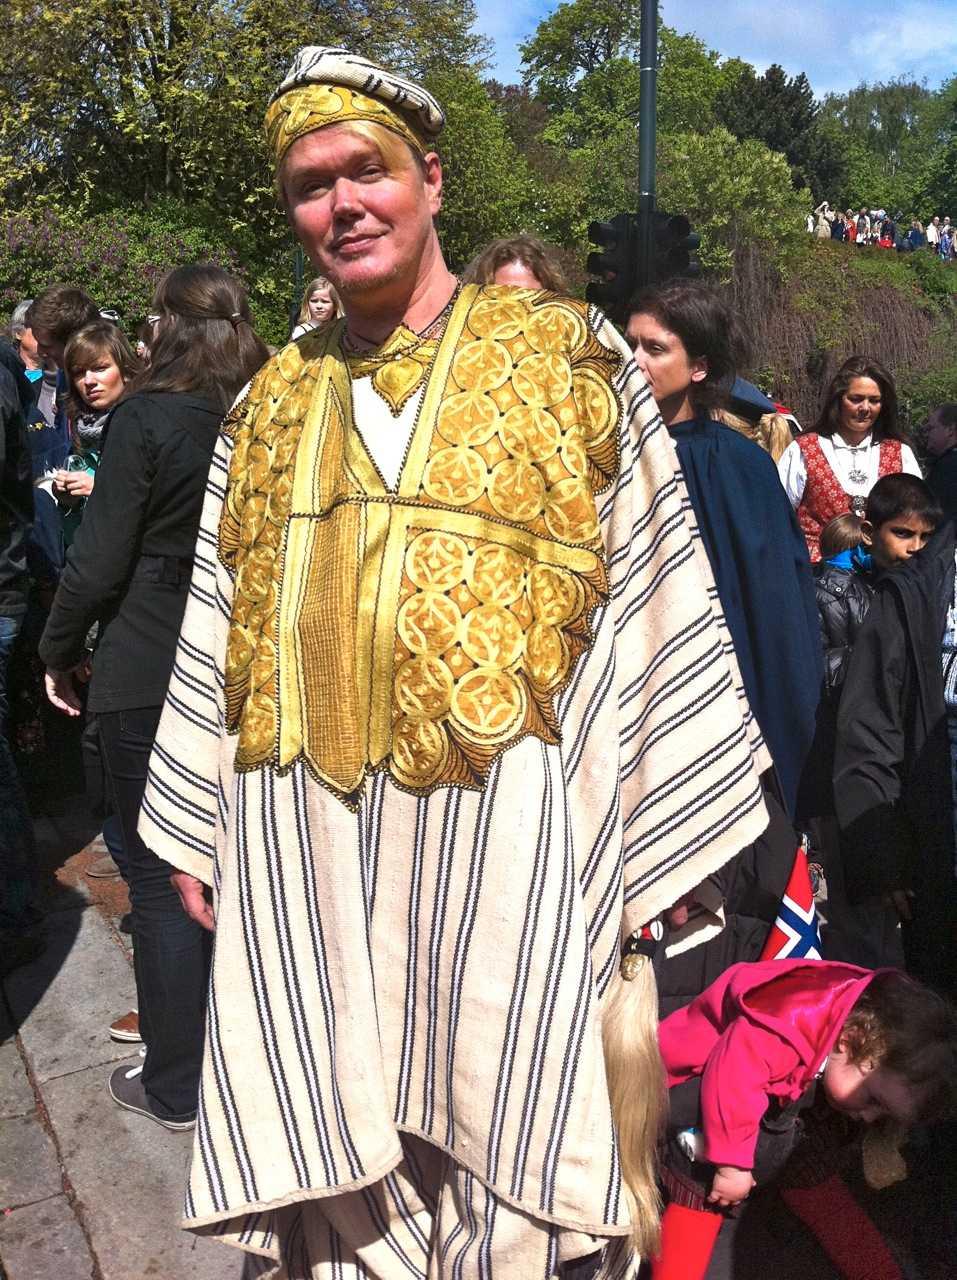 """""""Alla är välkomna"""" Tauno Silander, 53, är född i Liberia av svensk-finska föräldrar, flyttade som tioåring till Finland och har kallat Norge hemma de senaste 25 åren. – Jag har en folkdräkt från Liberia på mig. Det vackra här är att alla nationaliteters folkdräkter är välkomna, säger han."""